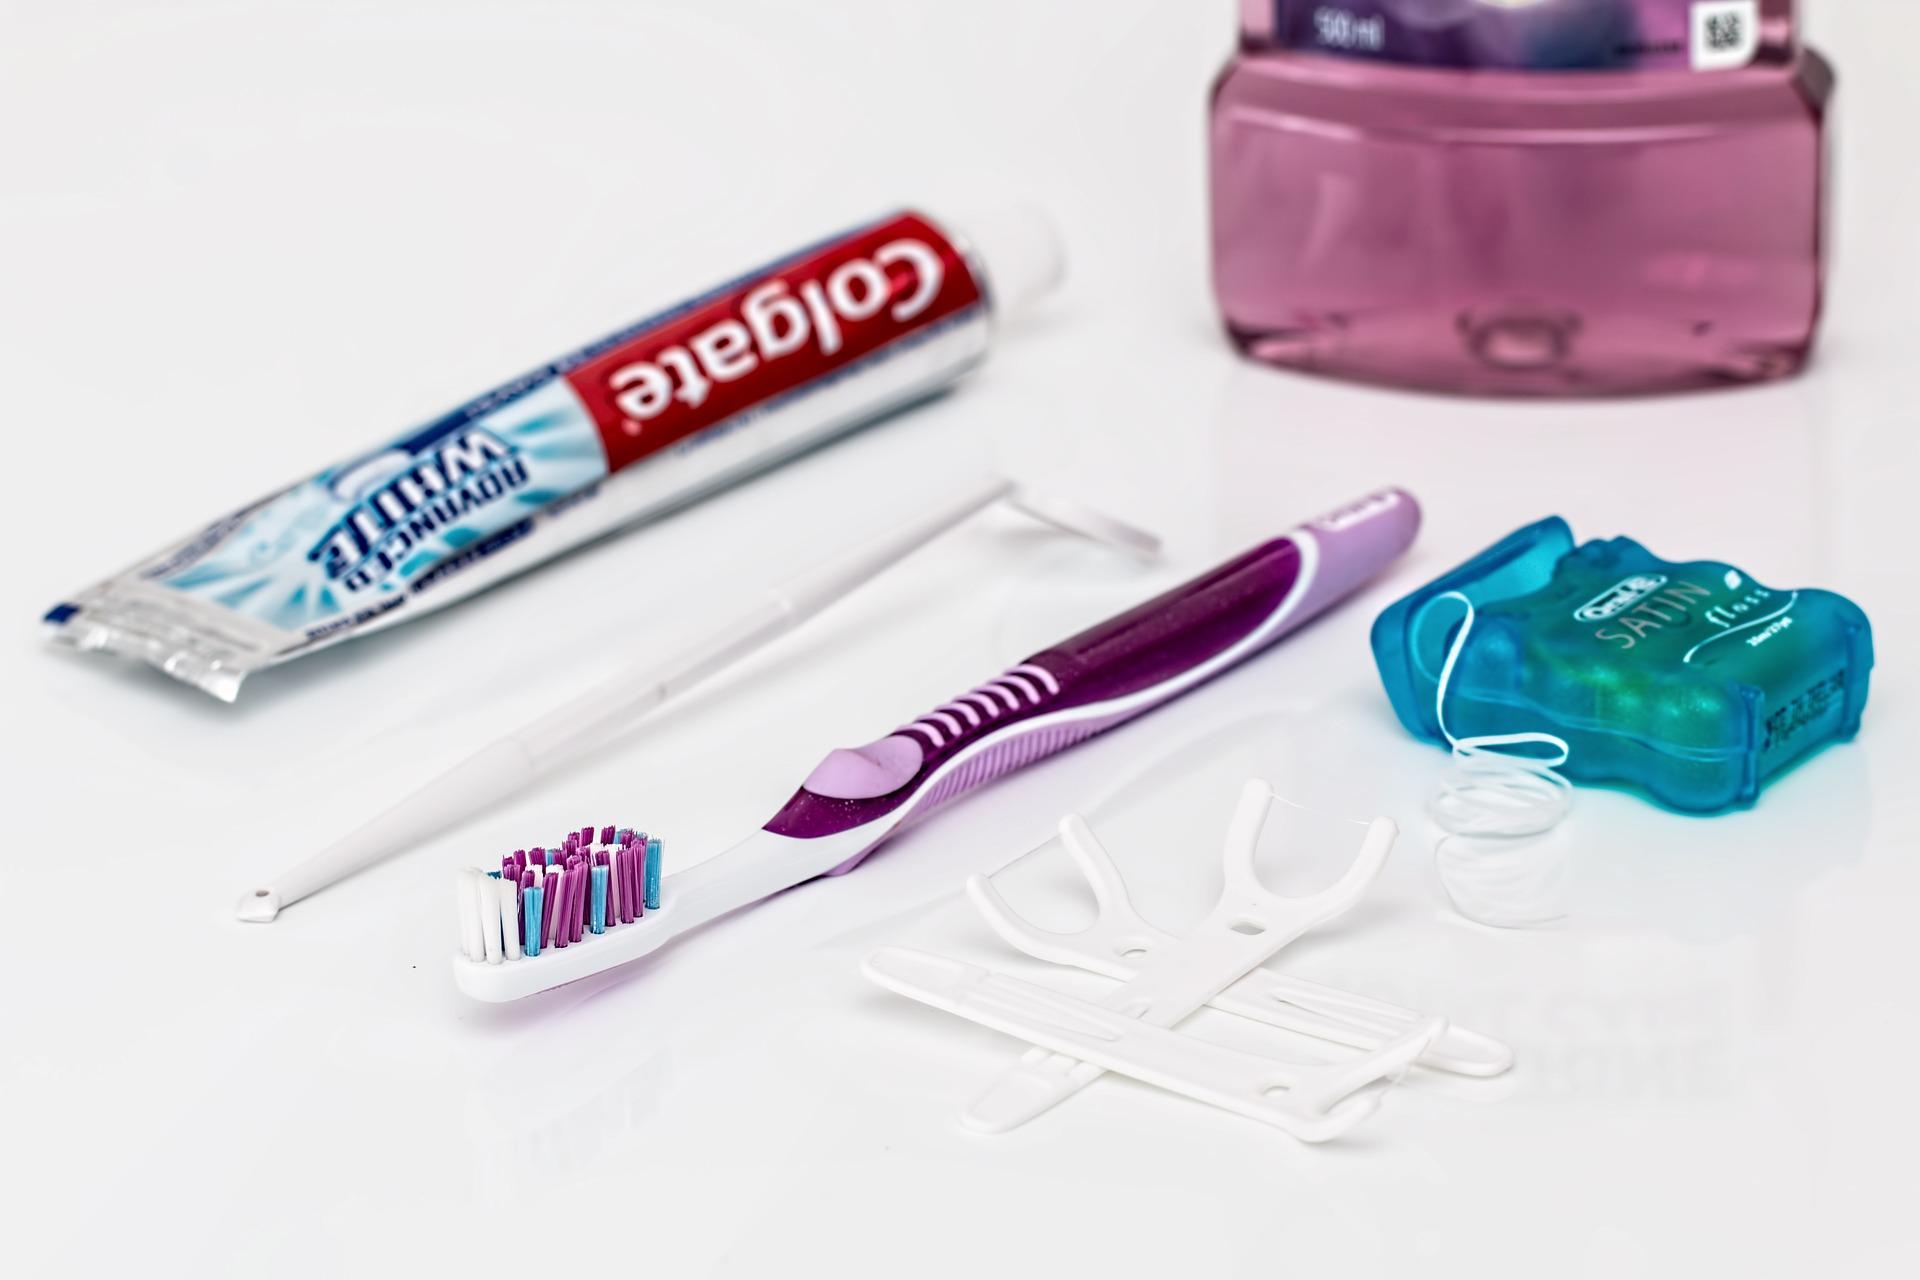 Jangan lupa pake benang gigi - INI alasannya